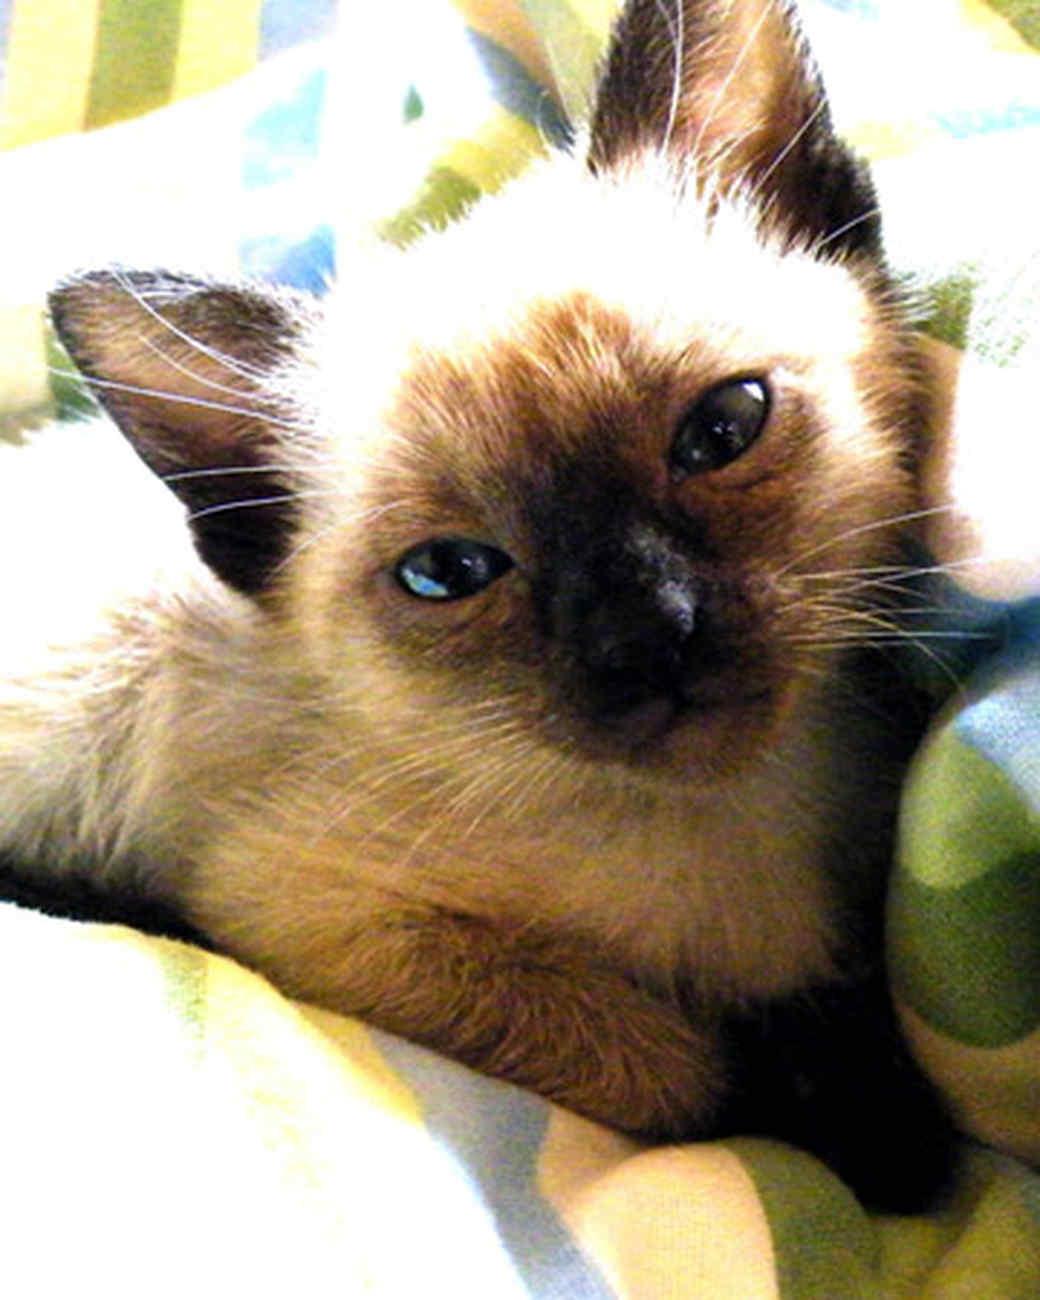 pets_kittens_0610_9534064_11798607.jpg